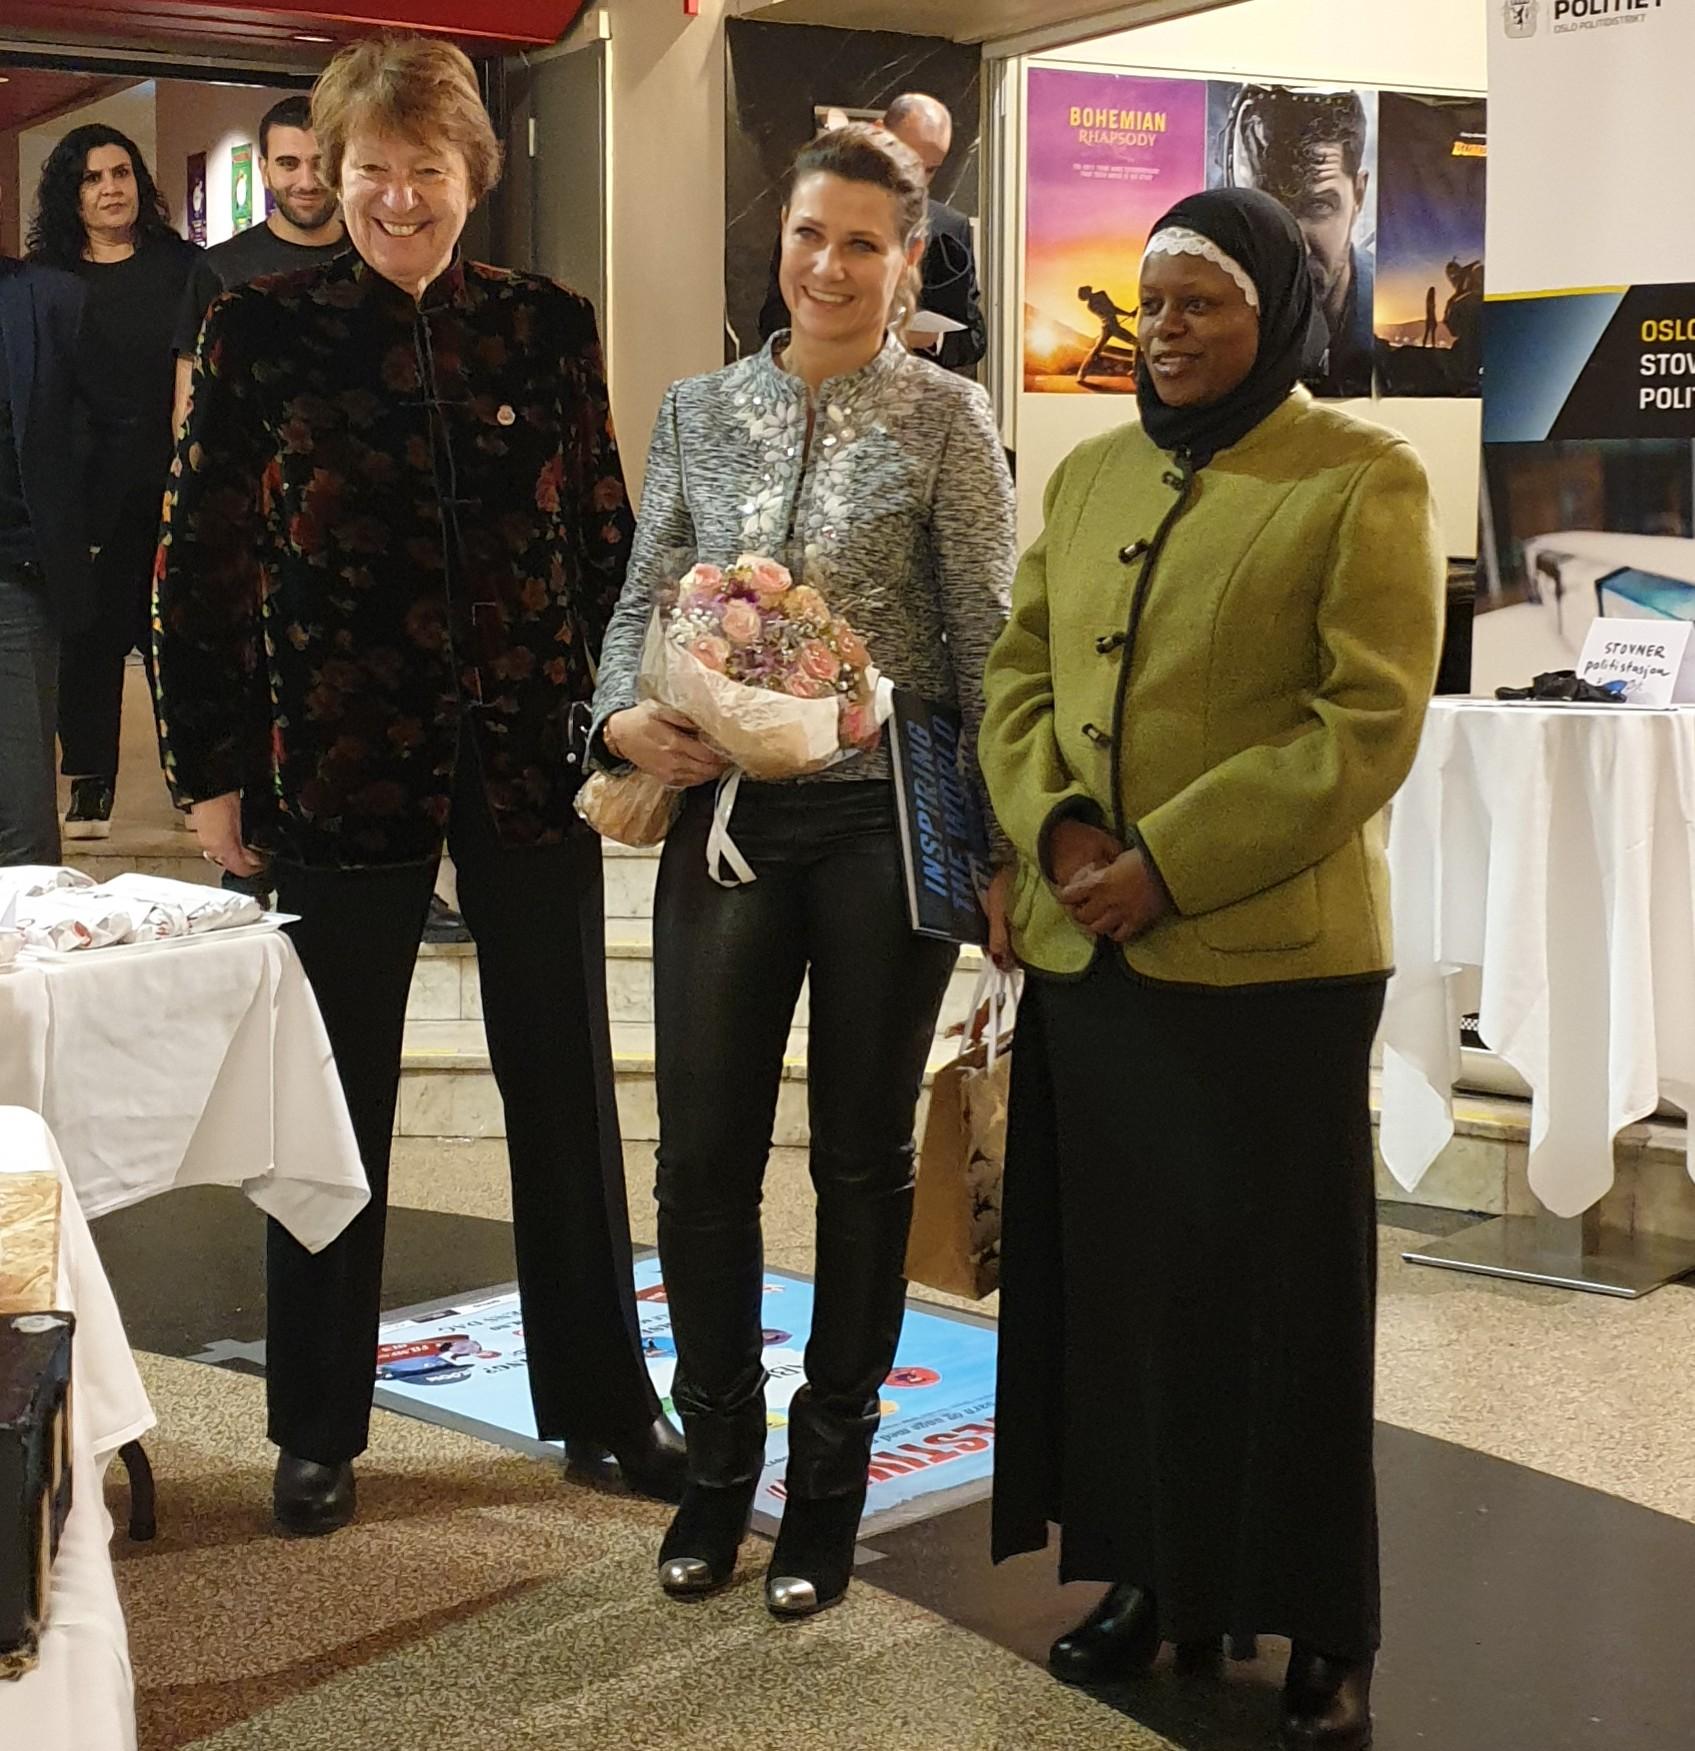 F.v. Ordfører Marianne Borgen (SV), Prinsesse Märtha Louise og Abloom-leder Faridah S. Nabaggala sammen under Abloom Fagkonferanse 2018. Foto: Bjørn Lecomte